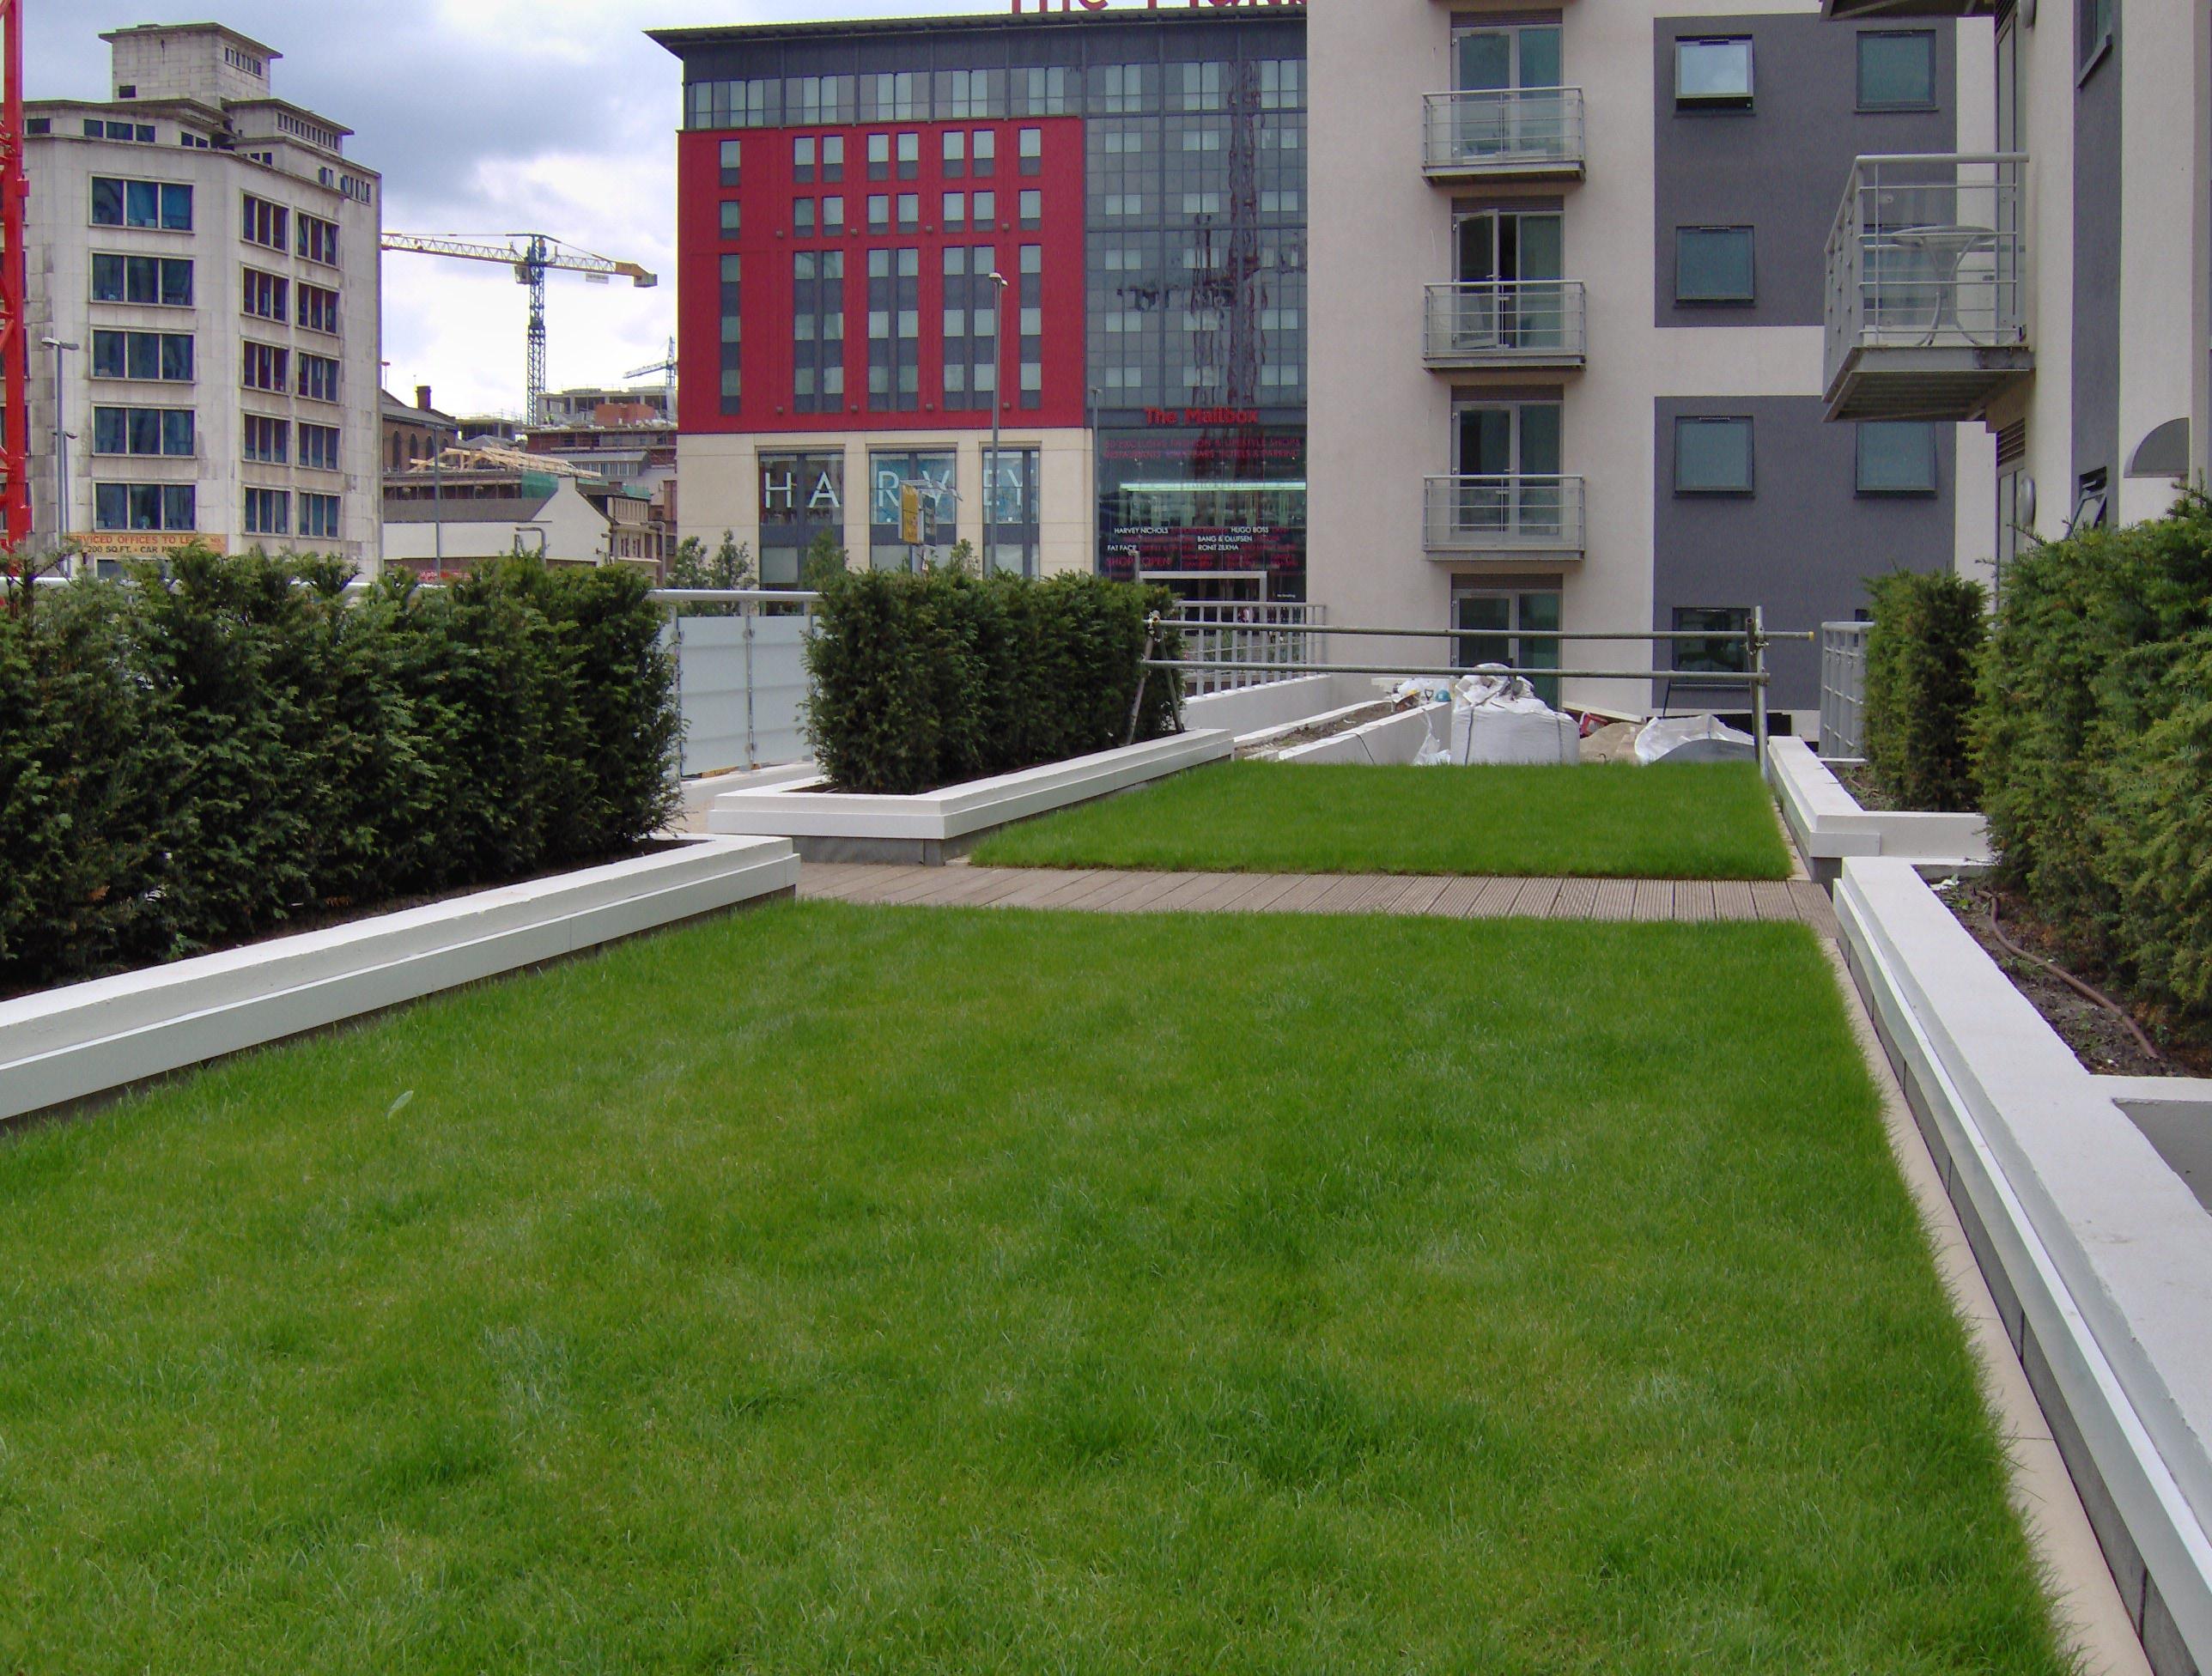 Granite Copings to Garden Beds